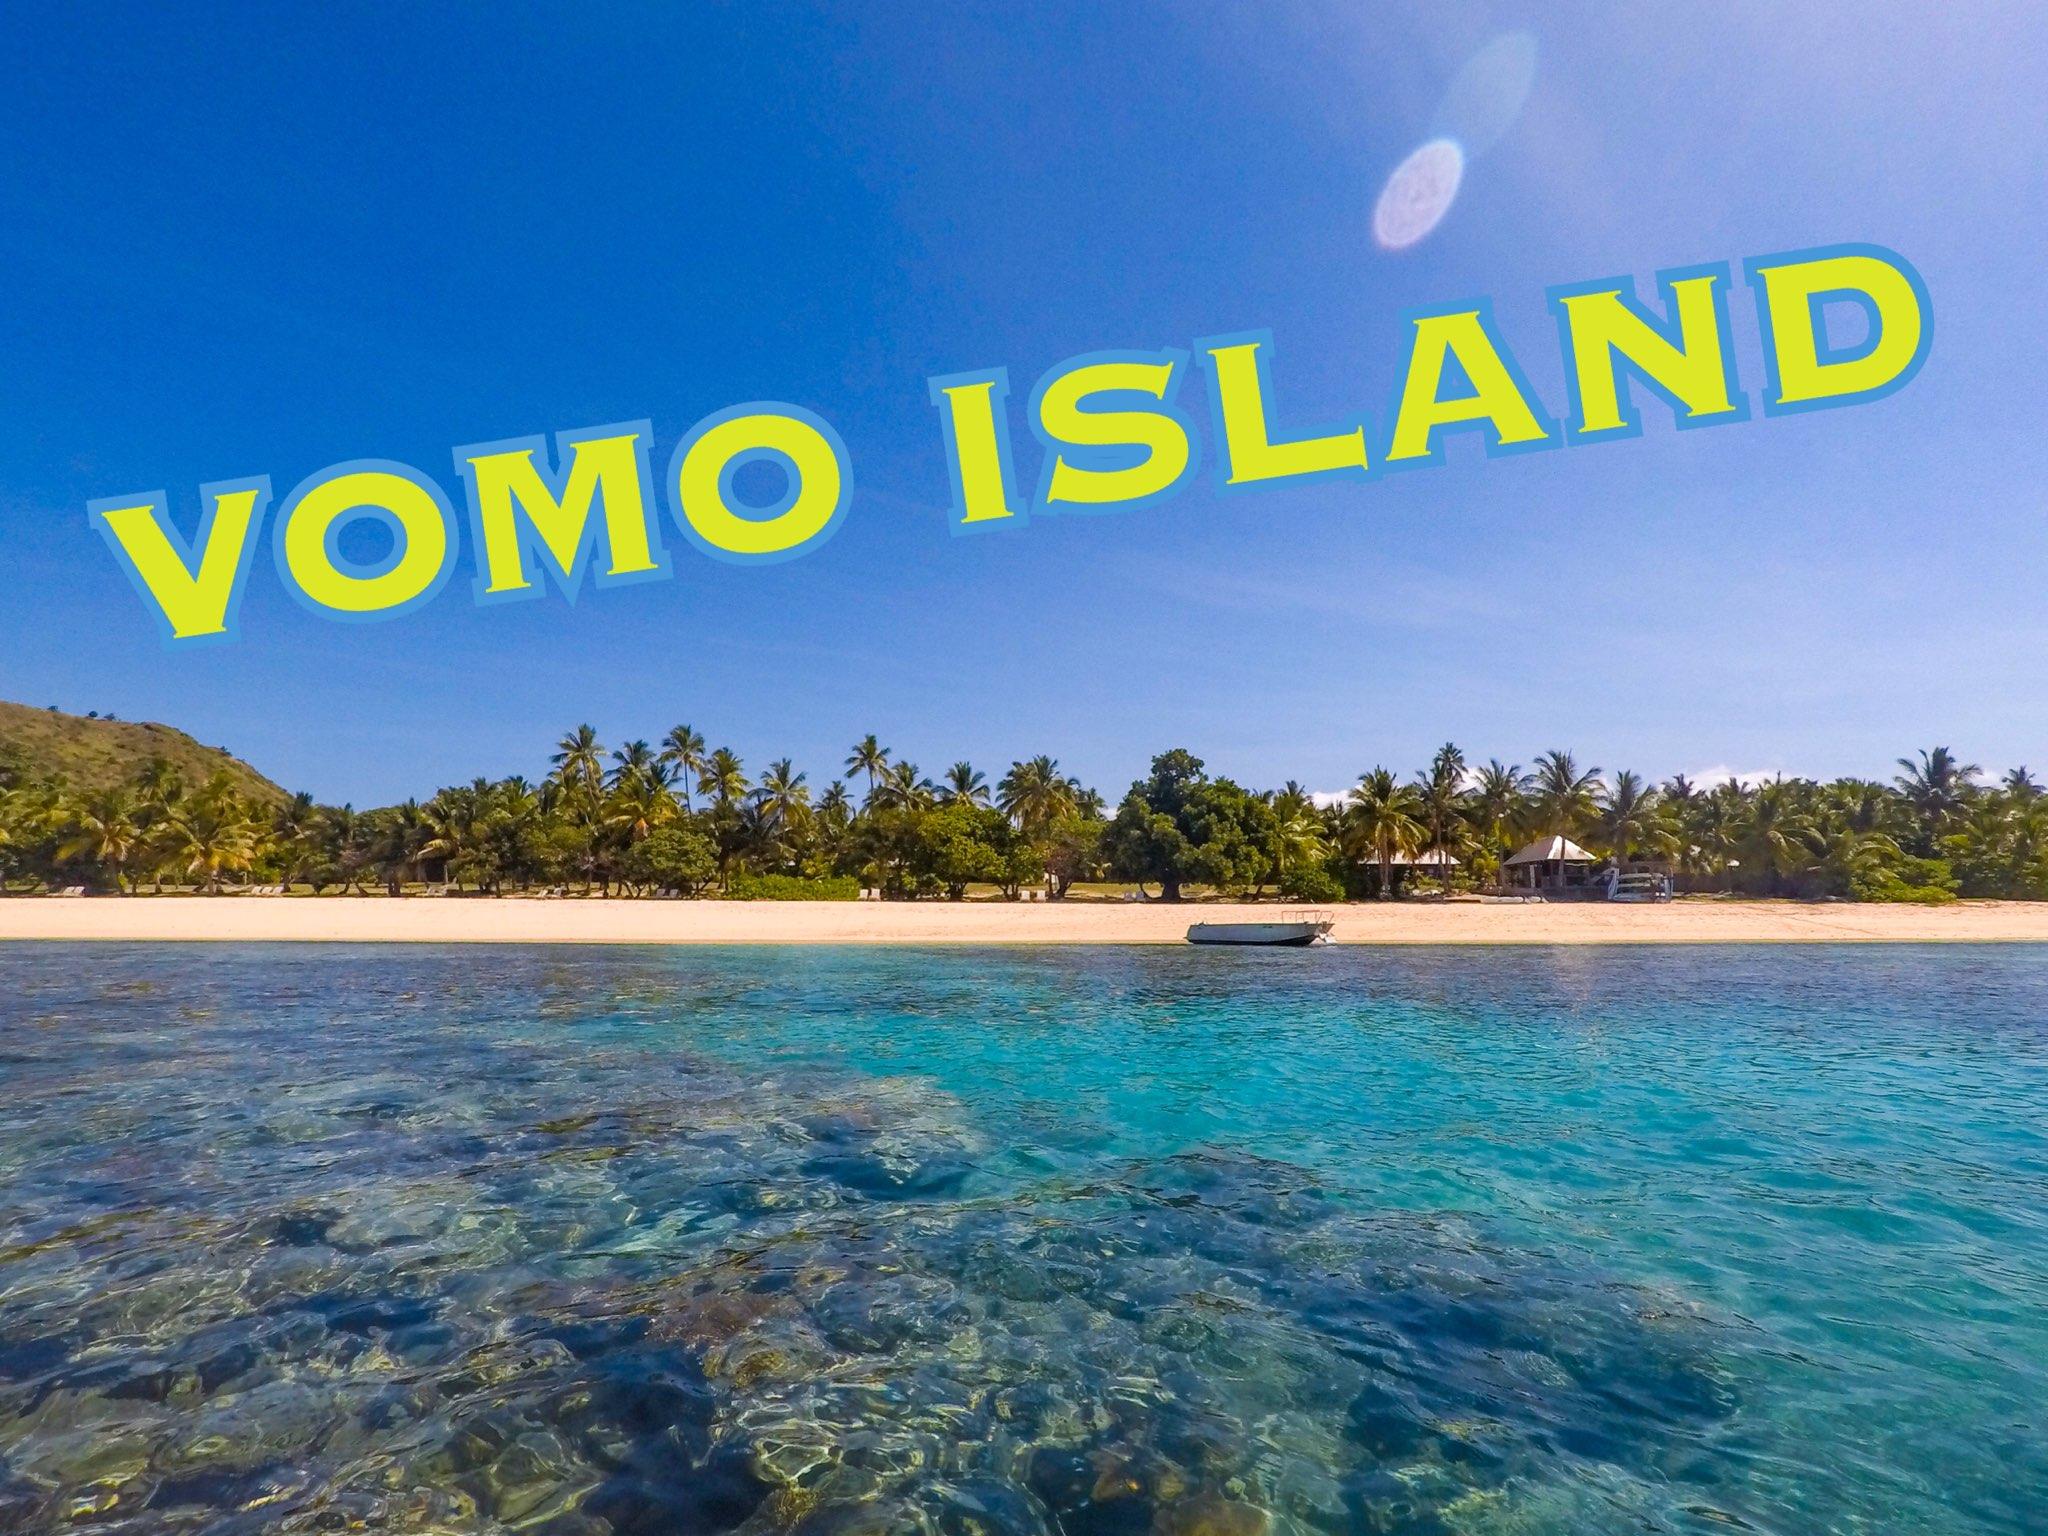 【本物の楽園】フィジーは離島滞在マスト!VOMOアイラン...